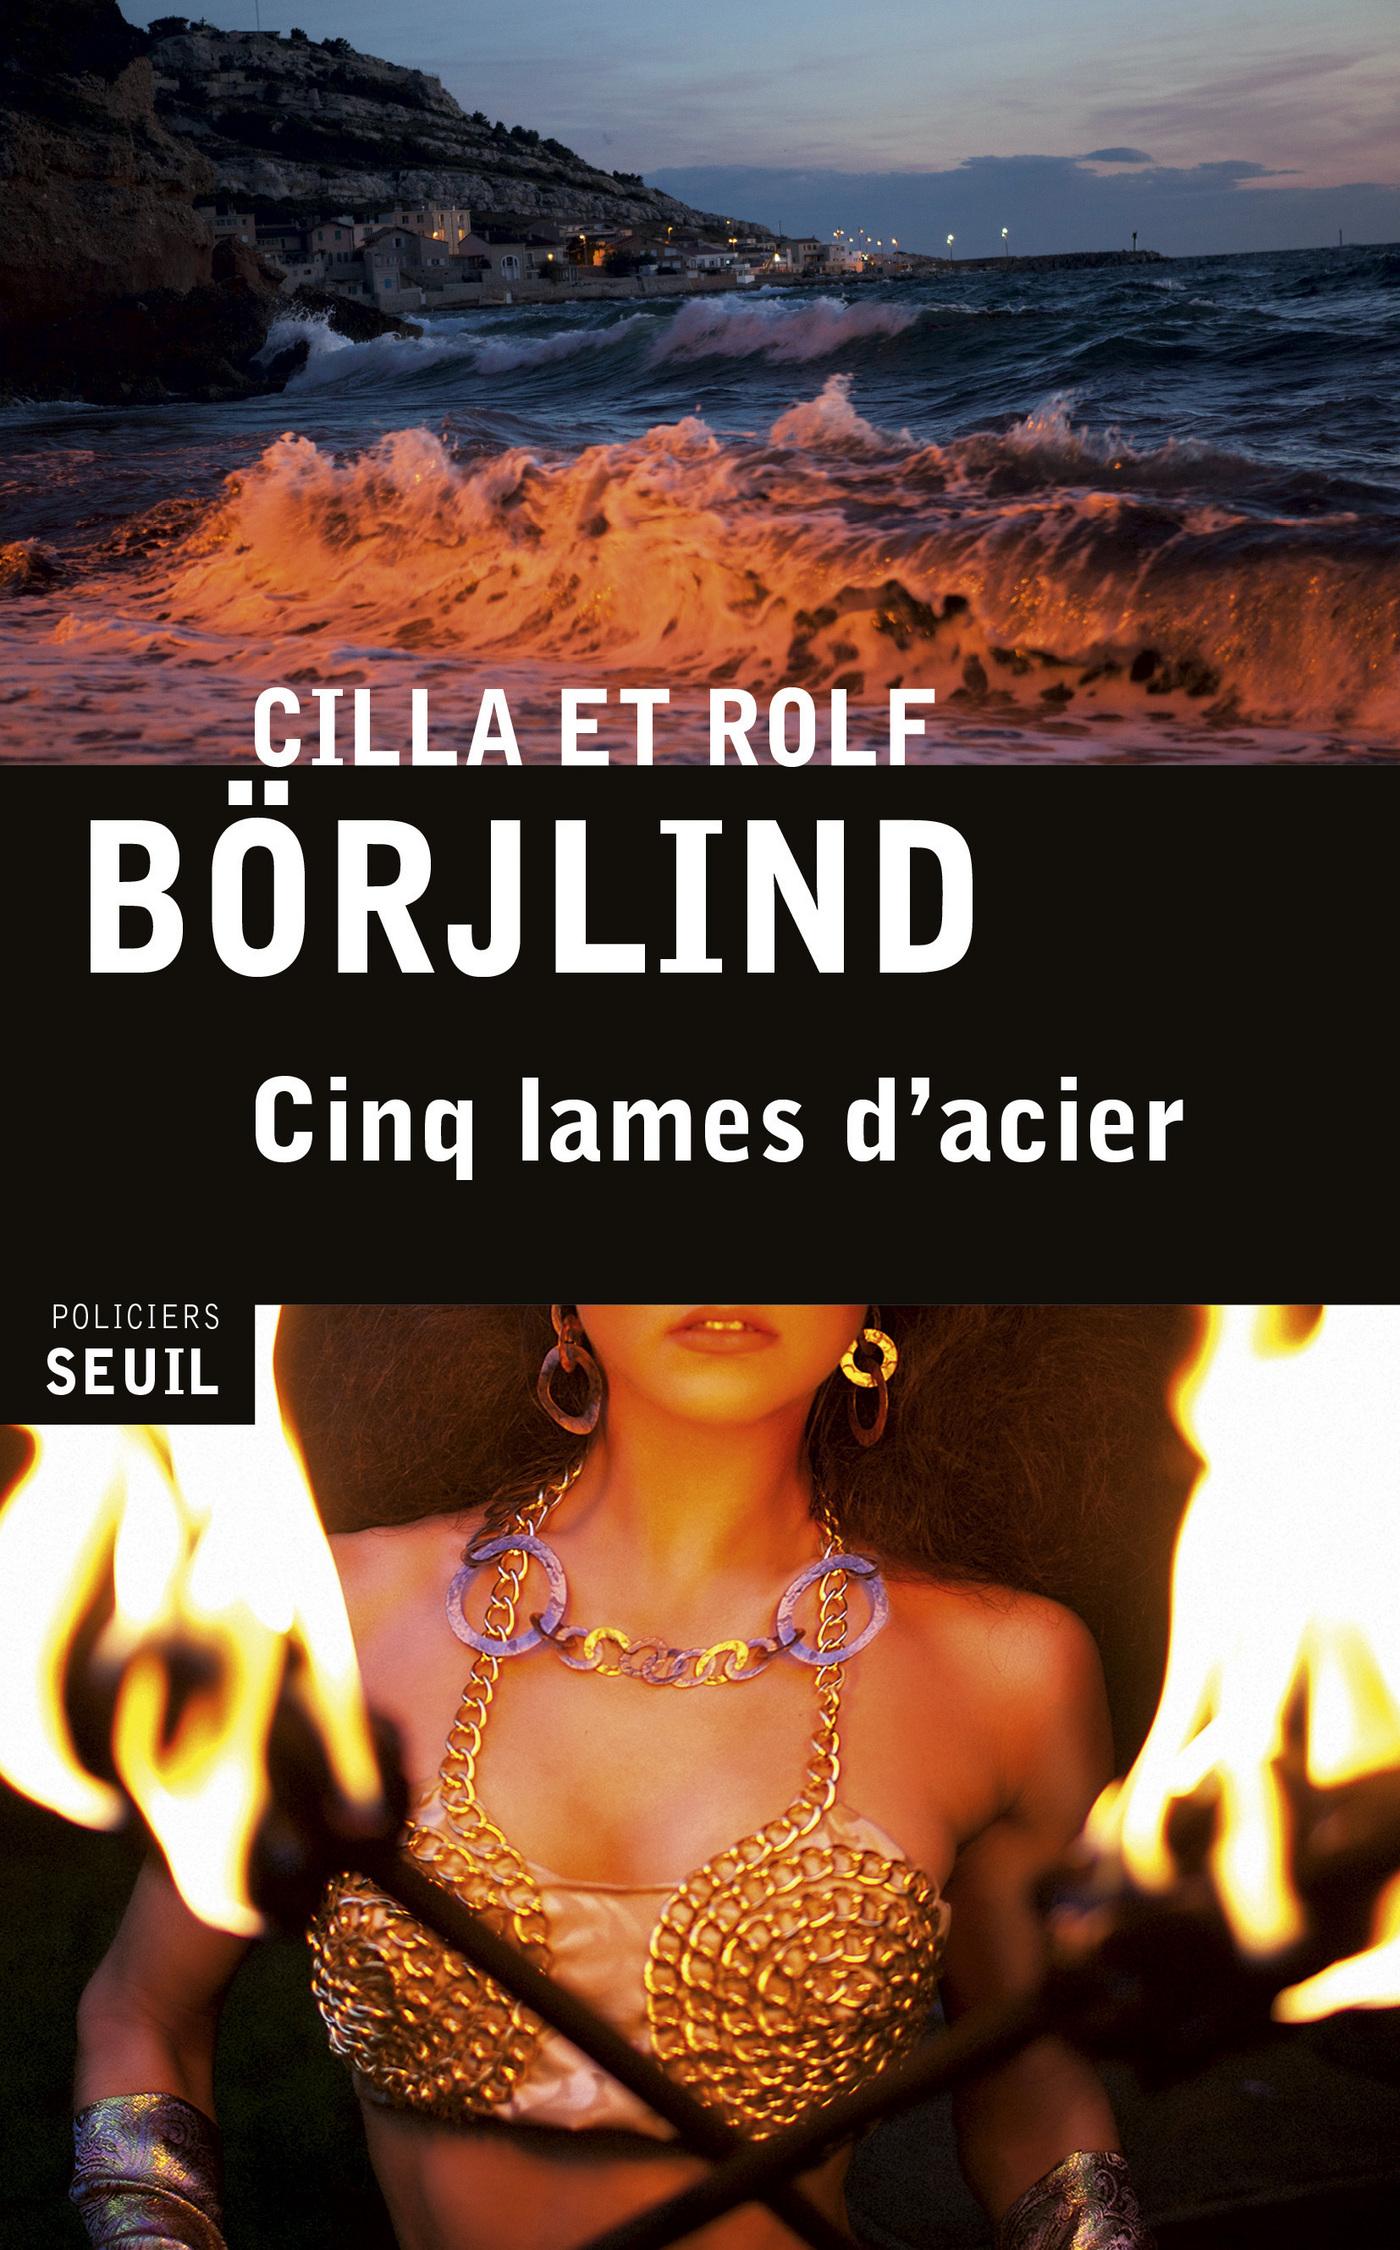 Cinq lames d'acier | Börjlind, Cilla et Rolf